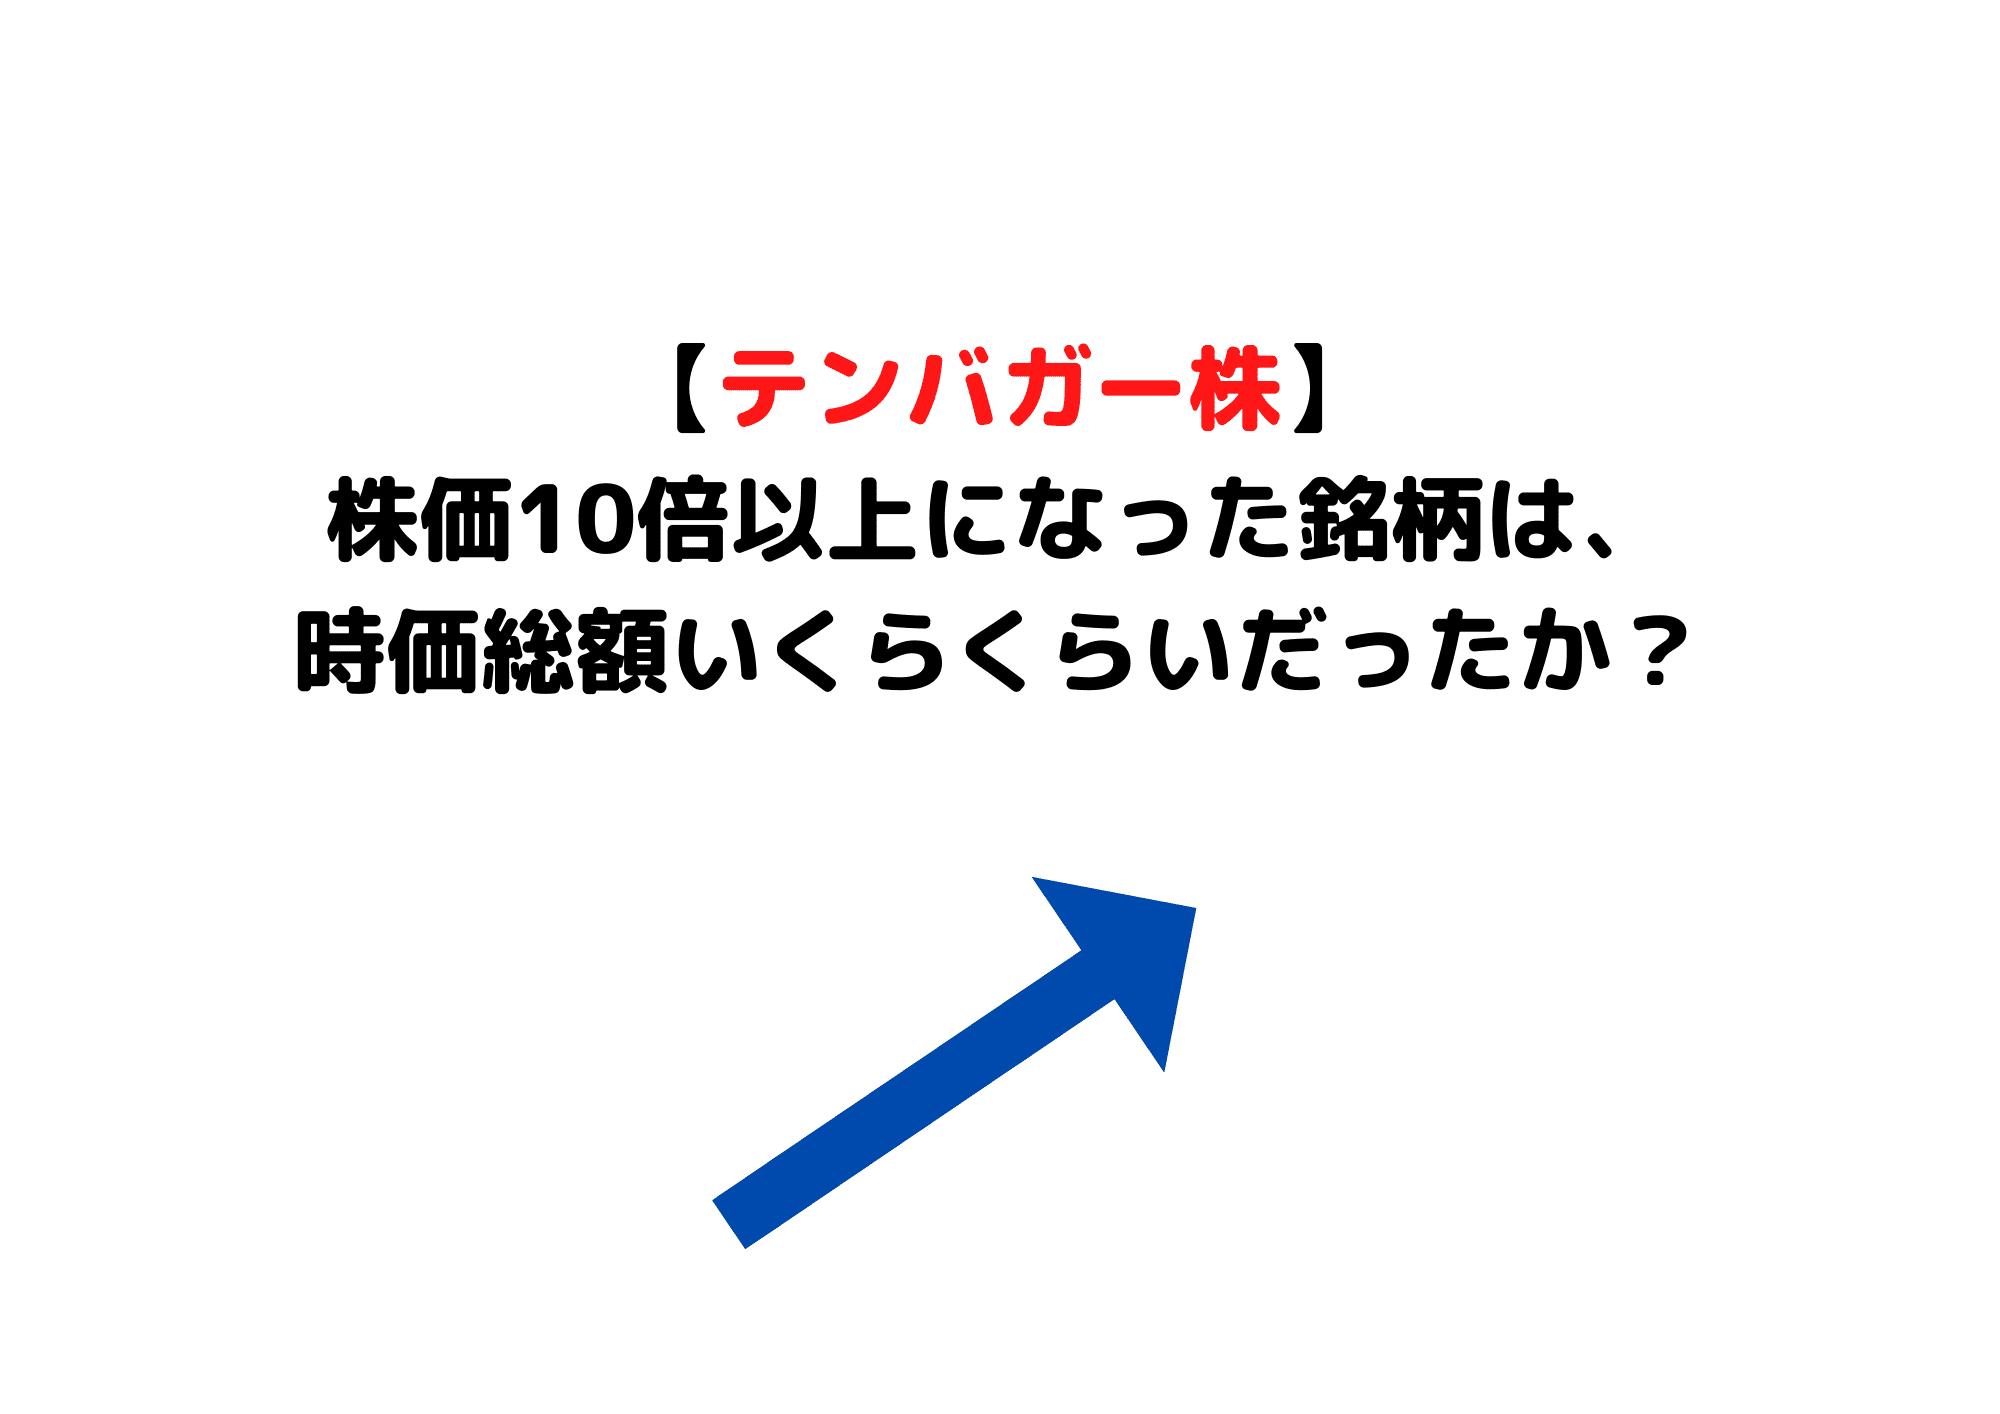 テンバガー株